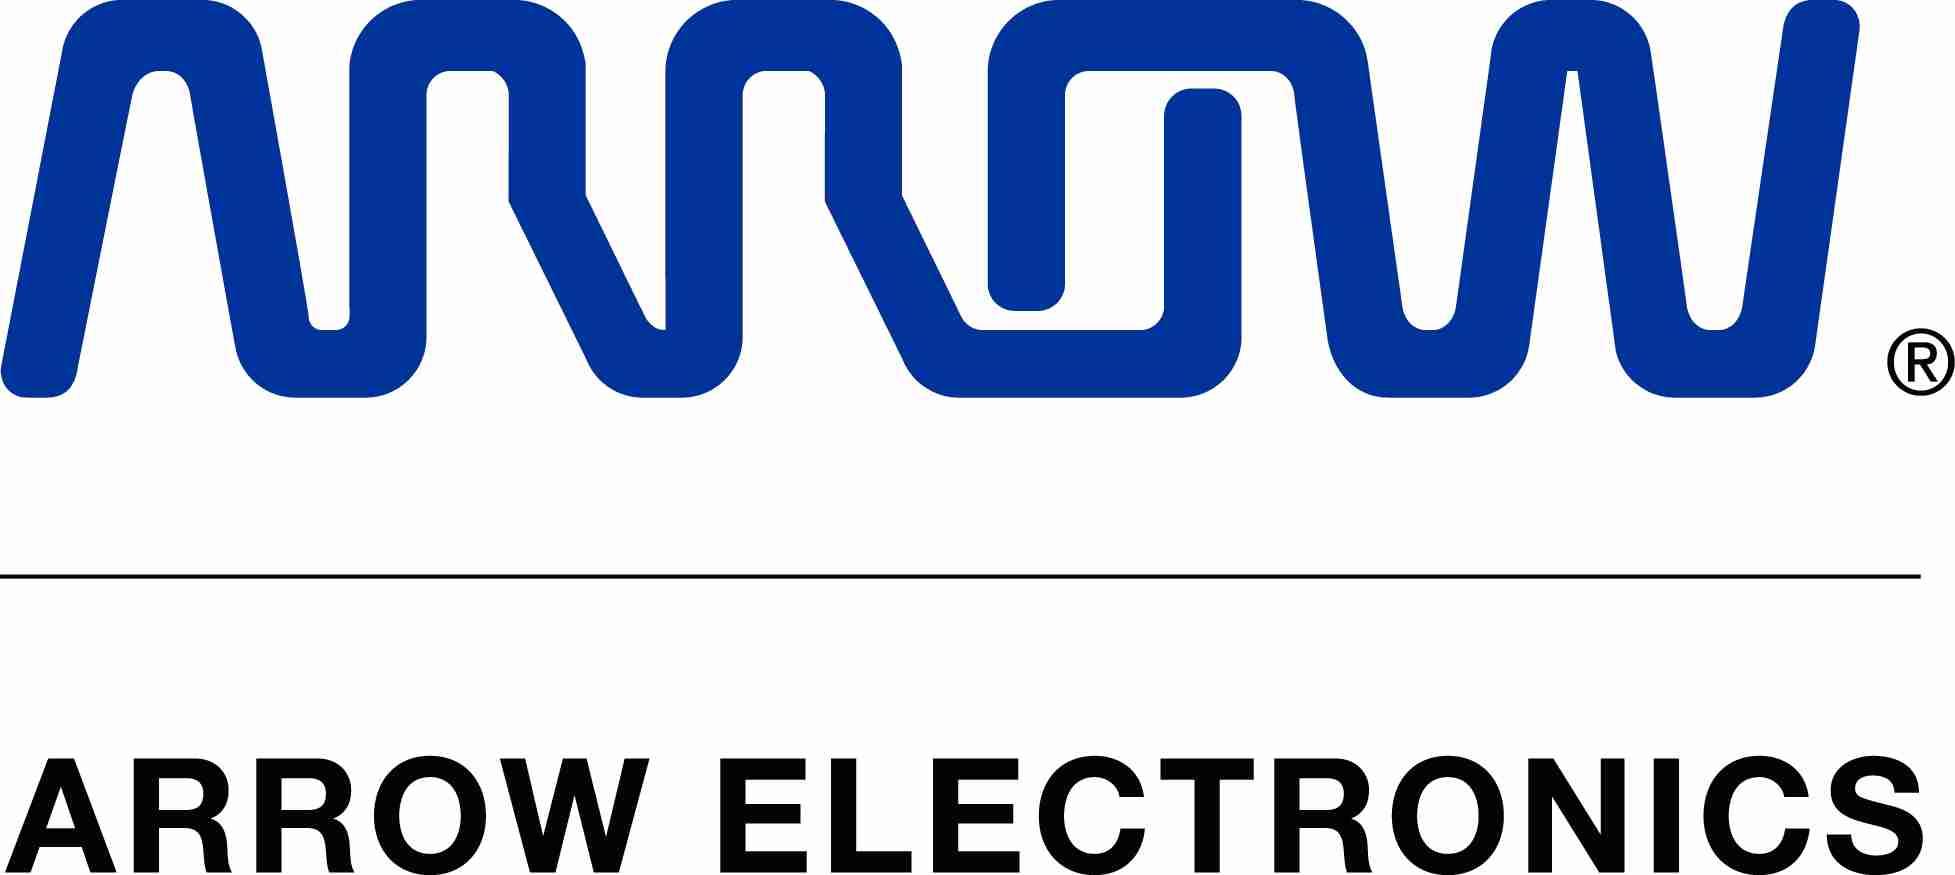 Electrical Engineering Bresslergroup